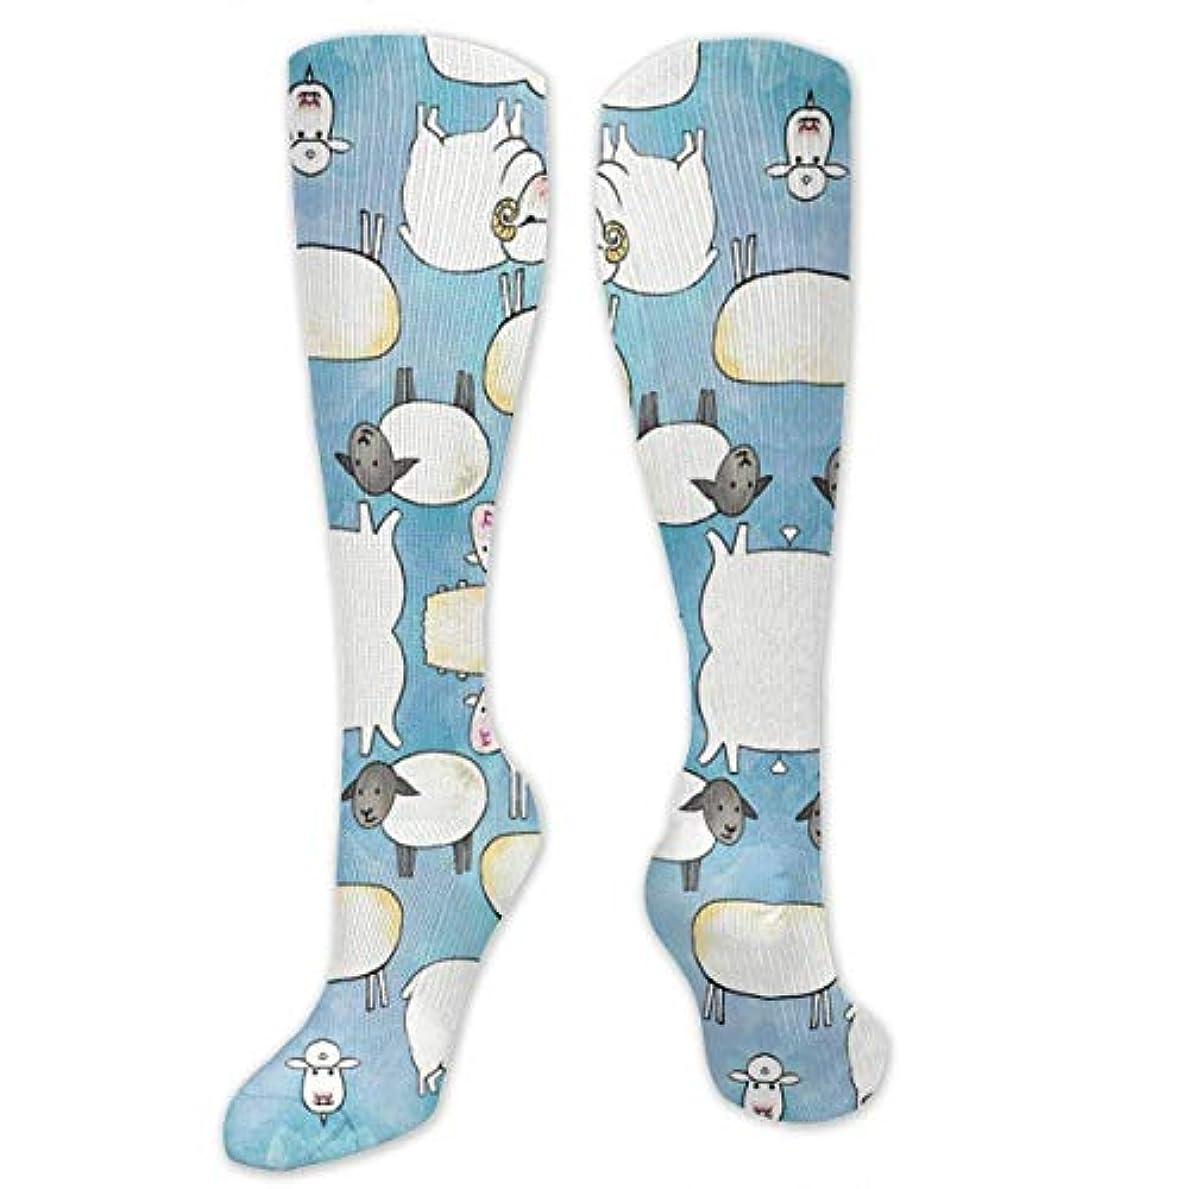 アピールワーディアンケースペルソナ靴下,ストッキング,野生のジョーカー,実際,秋の本質,冬必須,サマーウェア&RBXAA Sheep Dreams Socks Women's Winter Cotton Long Tube Socks Cotton Solid...